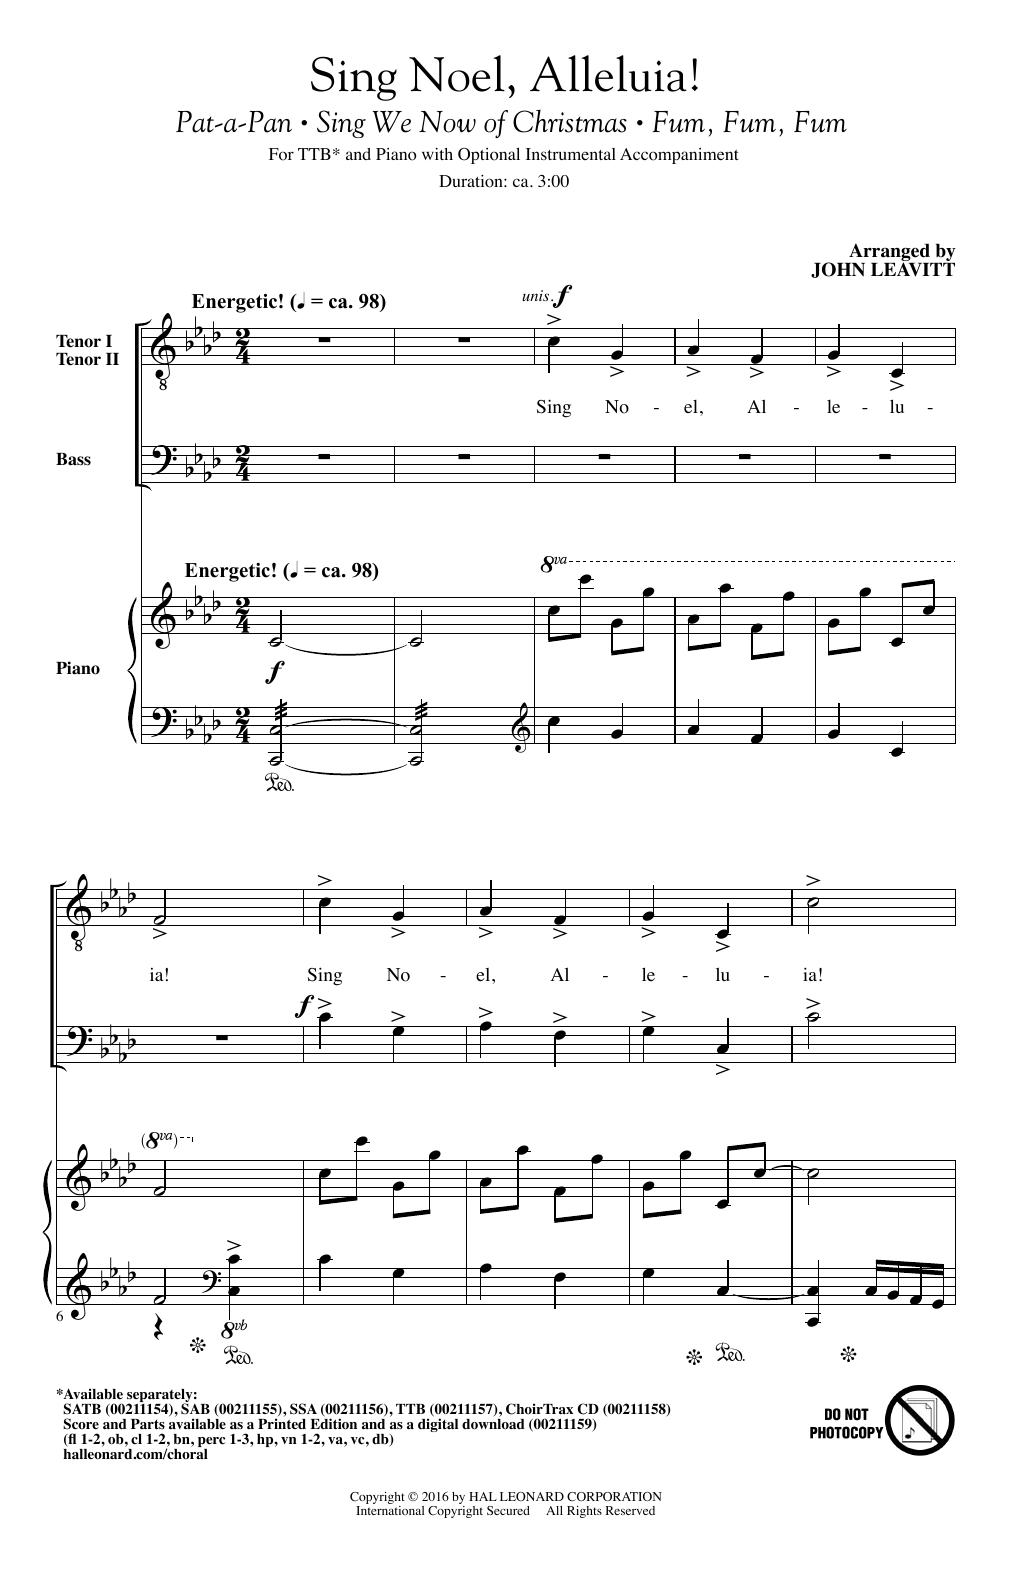 Sing Noel, Alleluia! Sheet Music